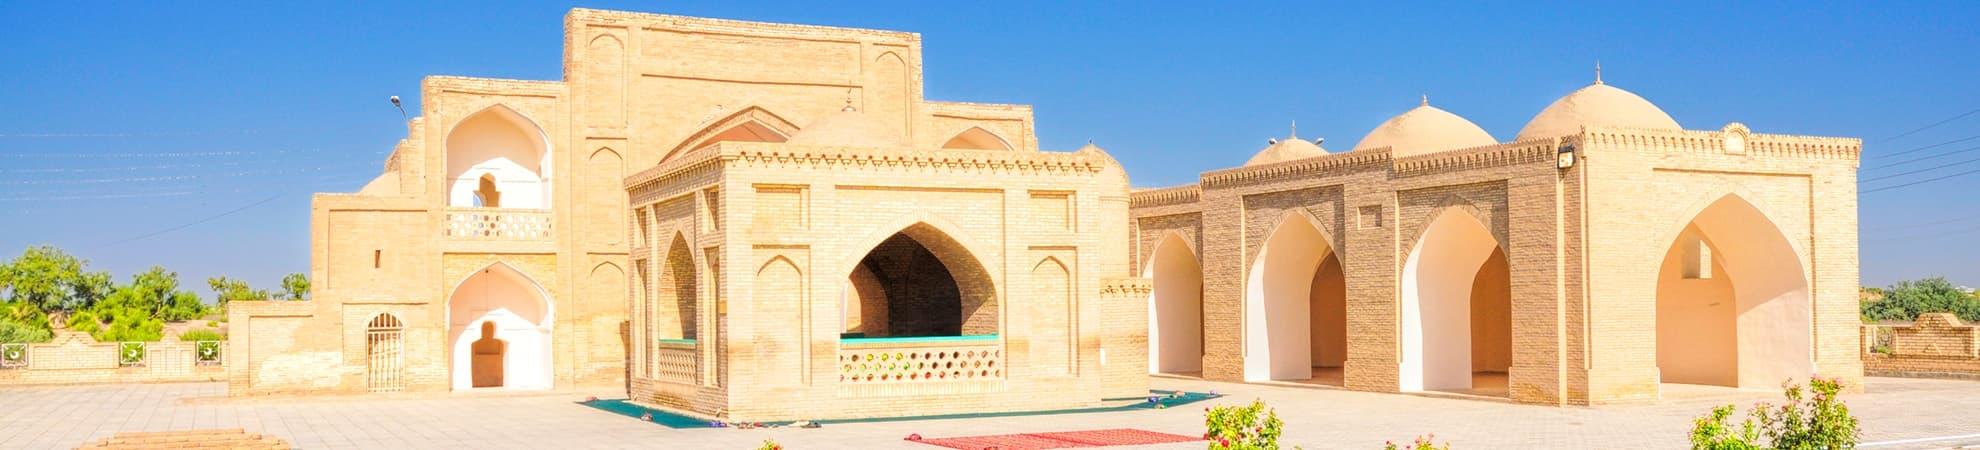 Tous nos voyages Asie centrale par pays